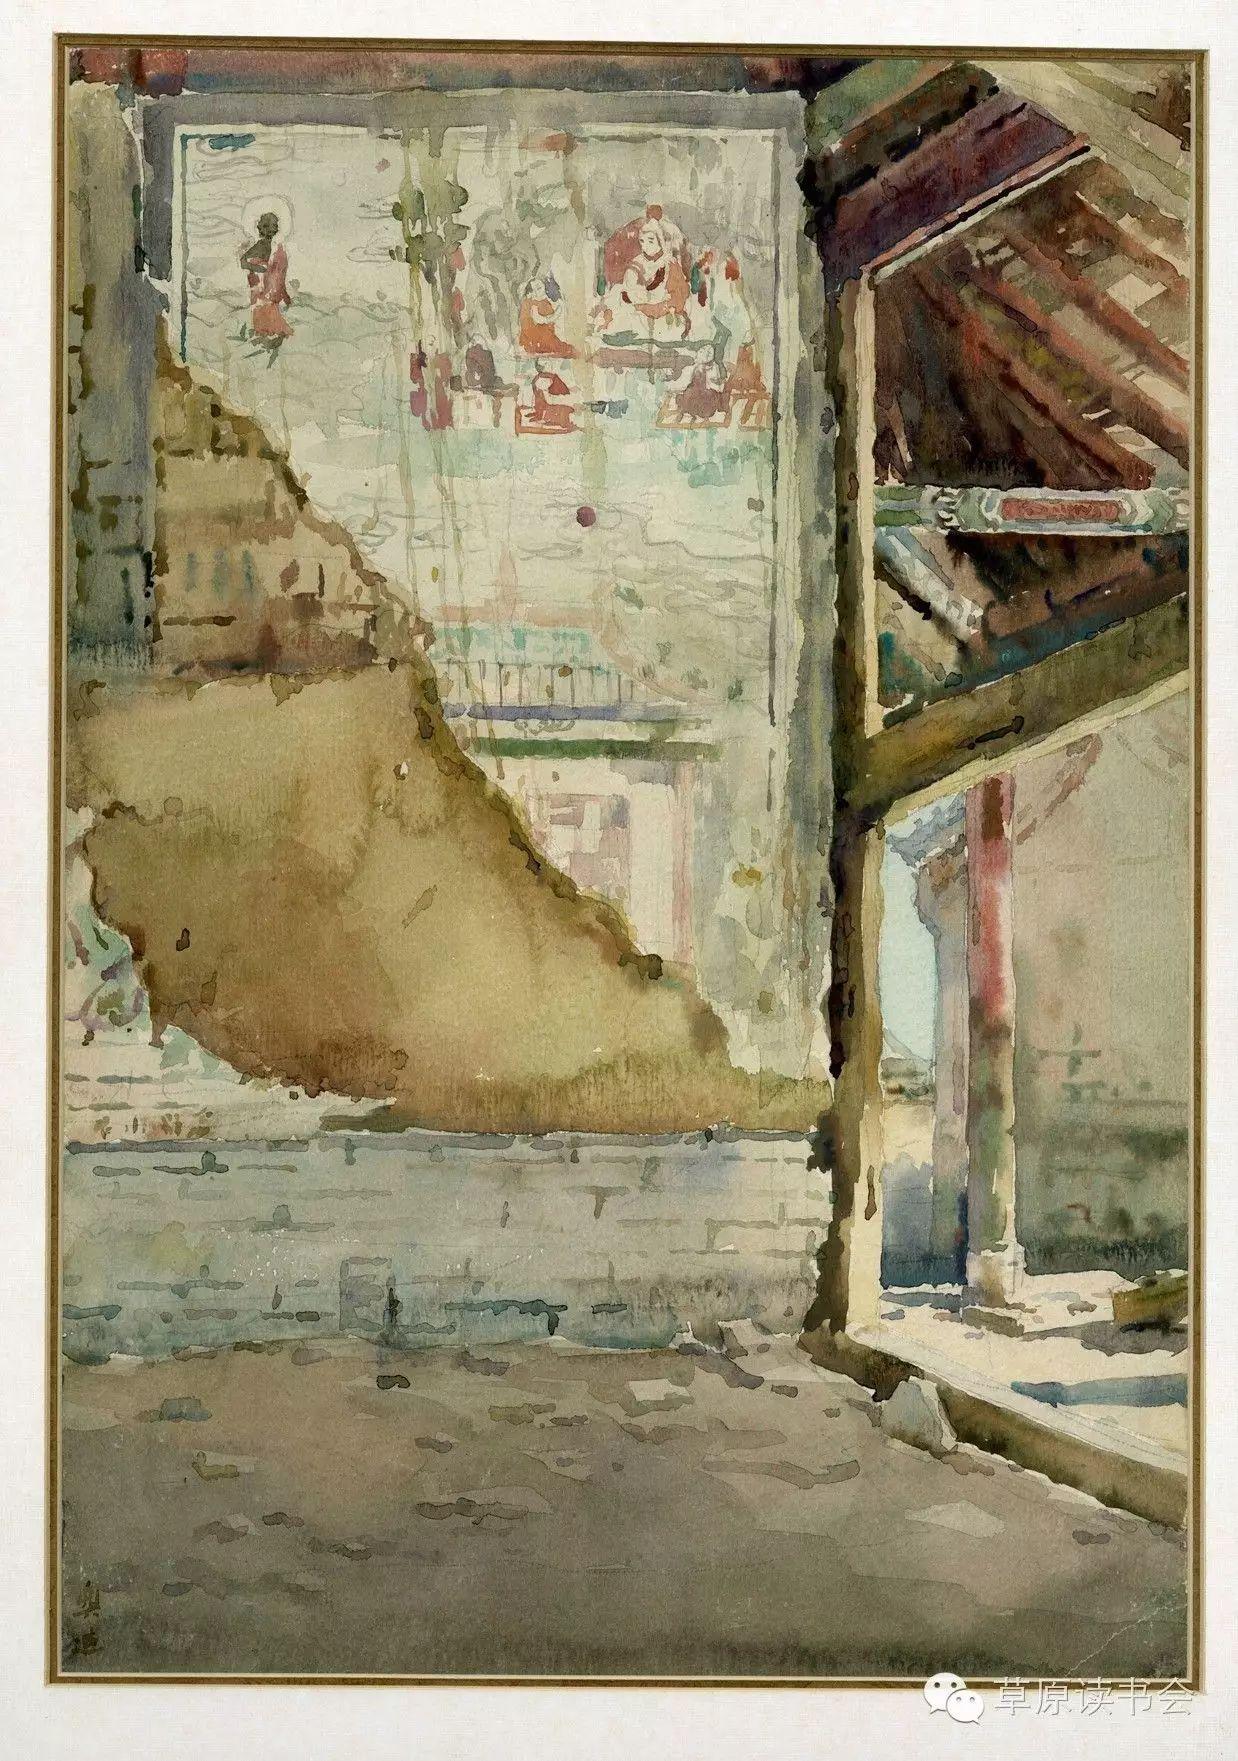 著名画家奥迪:水彩画记录下的呼和浩特旧景 第17张